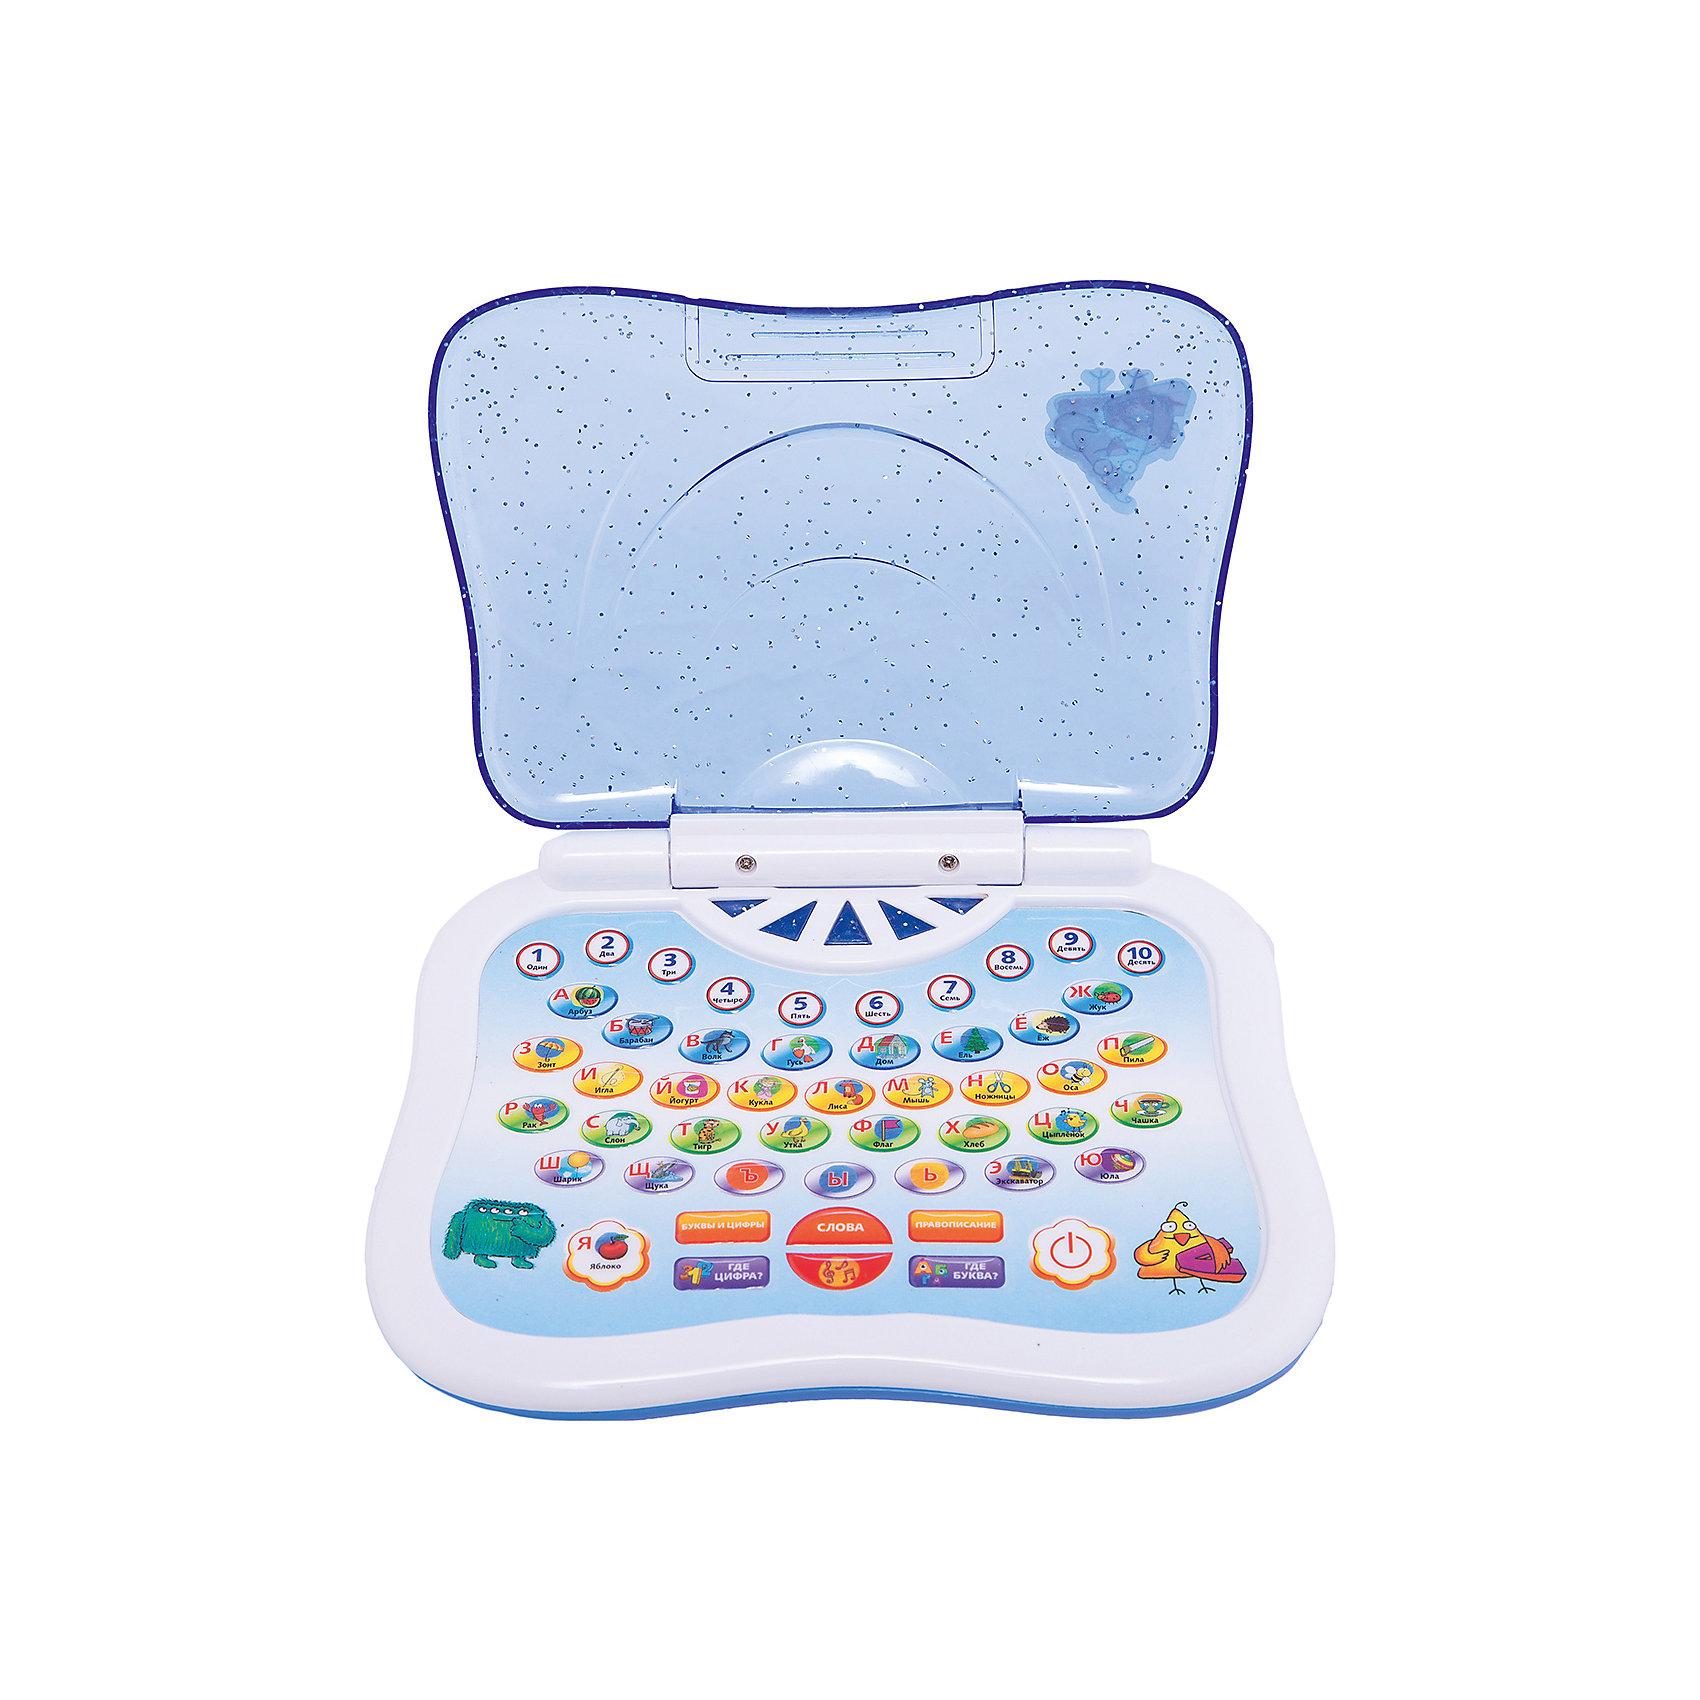 Обучающий компьютер Русский, KriblyBooИнтерактивные игрушки для малышей<br>Обучающий компьютер Русский, KriblyBoo (Крибли Бу).<br><br>Характеристики:<br><br>• поможет изучить слова, буквы и цифры<br>• работает в шести режимах<br>• материал: пластик, металл<br>• батарейки: АА - 3 шт. (в комплект не входят)<br>• размер упаковки: 5х18,5х23 см<br>• вес: 300 грамм<br>• размер компьютера: 16х13 см<br><br>Обучающий компьютер KriblyBoo станет незаменимым помощником для родителей. С его помощью ребенок легко выучит цифры и буквы, а затем и закрепит свои знания. Компьютер работает в нескольких режимах: обучение цифрам, обучение буквам, произношение слов по буквам, проверка знаний и прослушивание песен. Каждый режим активируется нажатием на кнопку. При этом ребенок сам может выбрать букву или цифру, которую он желает изучить. Громкость звука игрушки регулируется. Компьютер имеет крышку, защищающую от влаги. С ярким компьютером процесс обучения превратится в настоящую игру!<br><br>Обучающий компьютер Русский, KriblyBoo (Крибли Бу) вы можете купить в нашем интернет-магазине.<br><br>Ширина мм: 230<br>Глубина мм: 185<br>Высота мм: 50<br>Вес г: 300<br>Возраст от месяцев: 36<br>Возраст до месяцев: 120<br>Пол: Женский<br>Возраст: Детский<br>SKU: 5017663